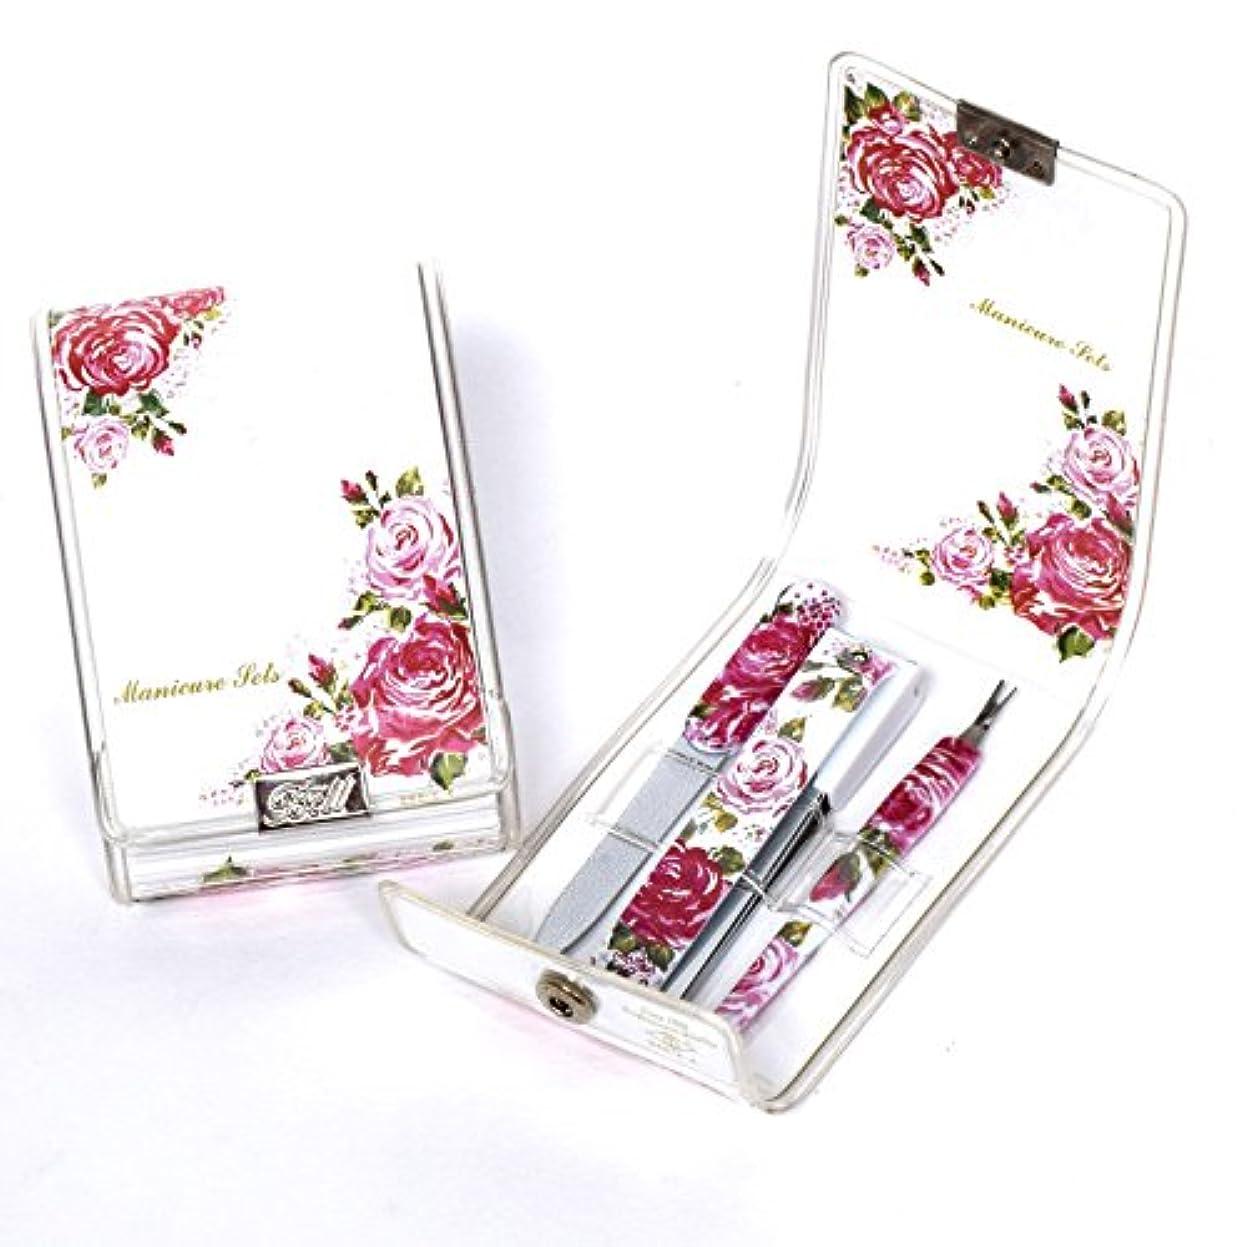 クロスフィット一族BELL Manicure Sets BM-9951 ポータブル爪ケアセットトラベル爪切りセットステンレス鋼の失速構成花のイラストが挿入された透明高周波ケースPortable Nail Clippers Nail Care Set